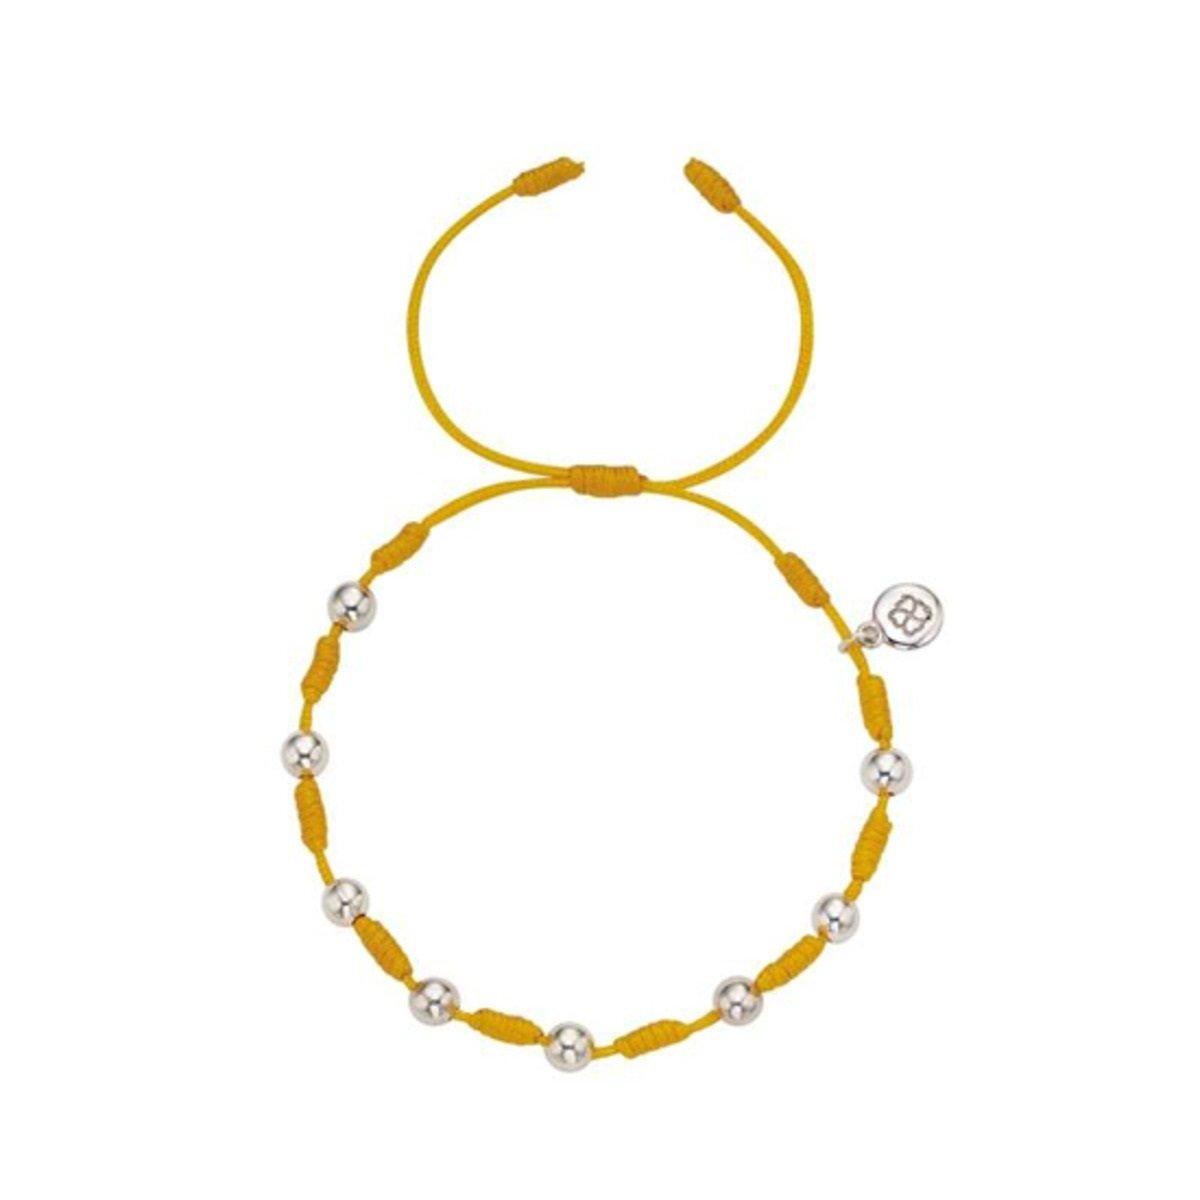 幸運手繩 (銀珠版) (黃色)